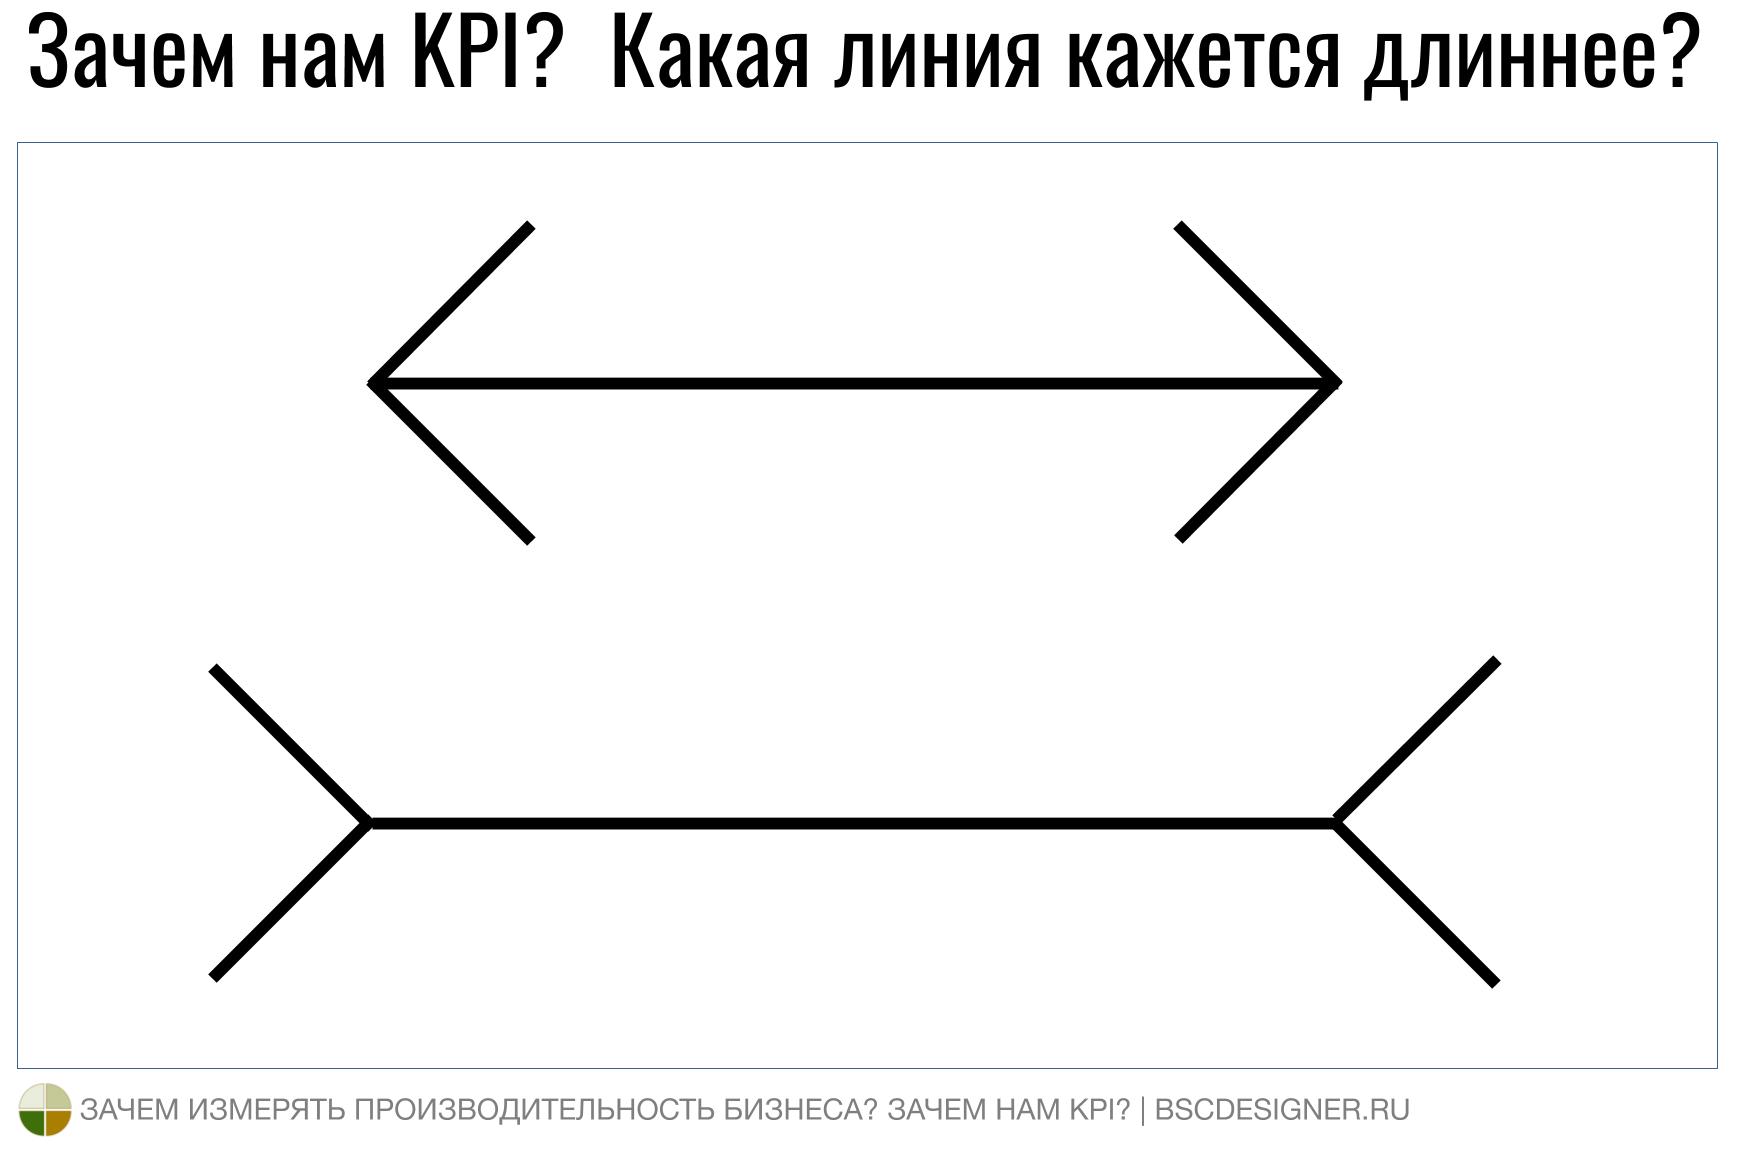 Думаете, вам не нужно ничего измерять? Посмотрите на это изображение и скажите, какая линия длиннее.